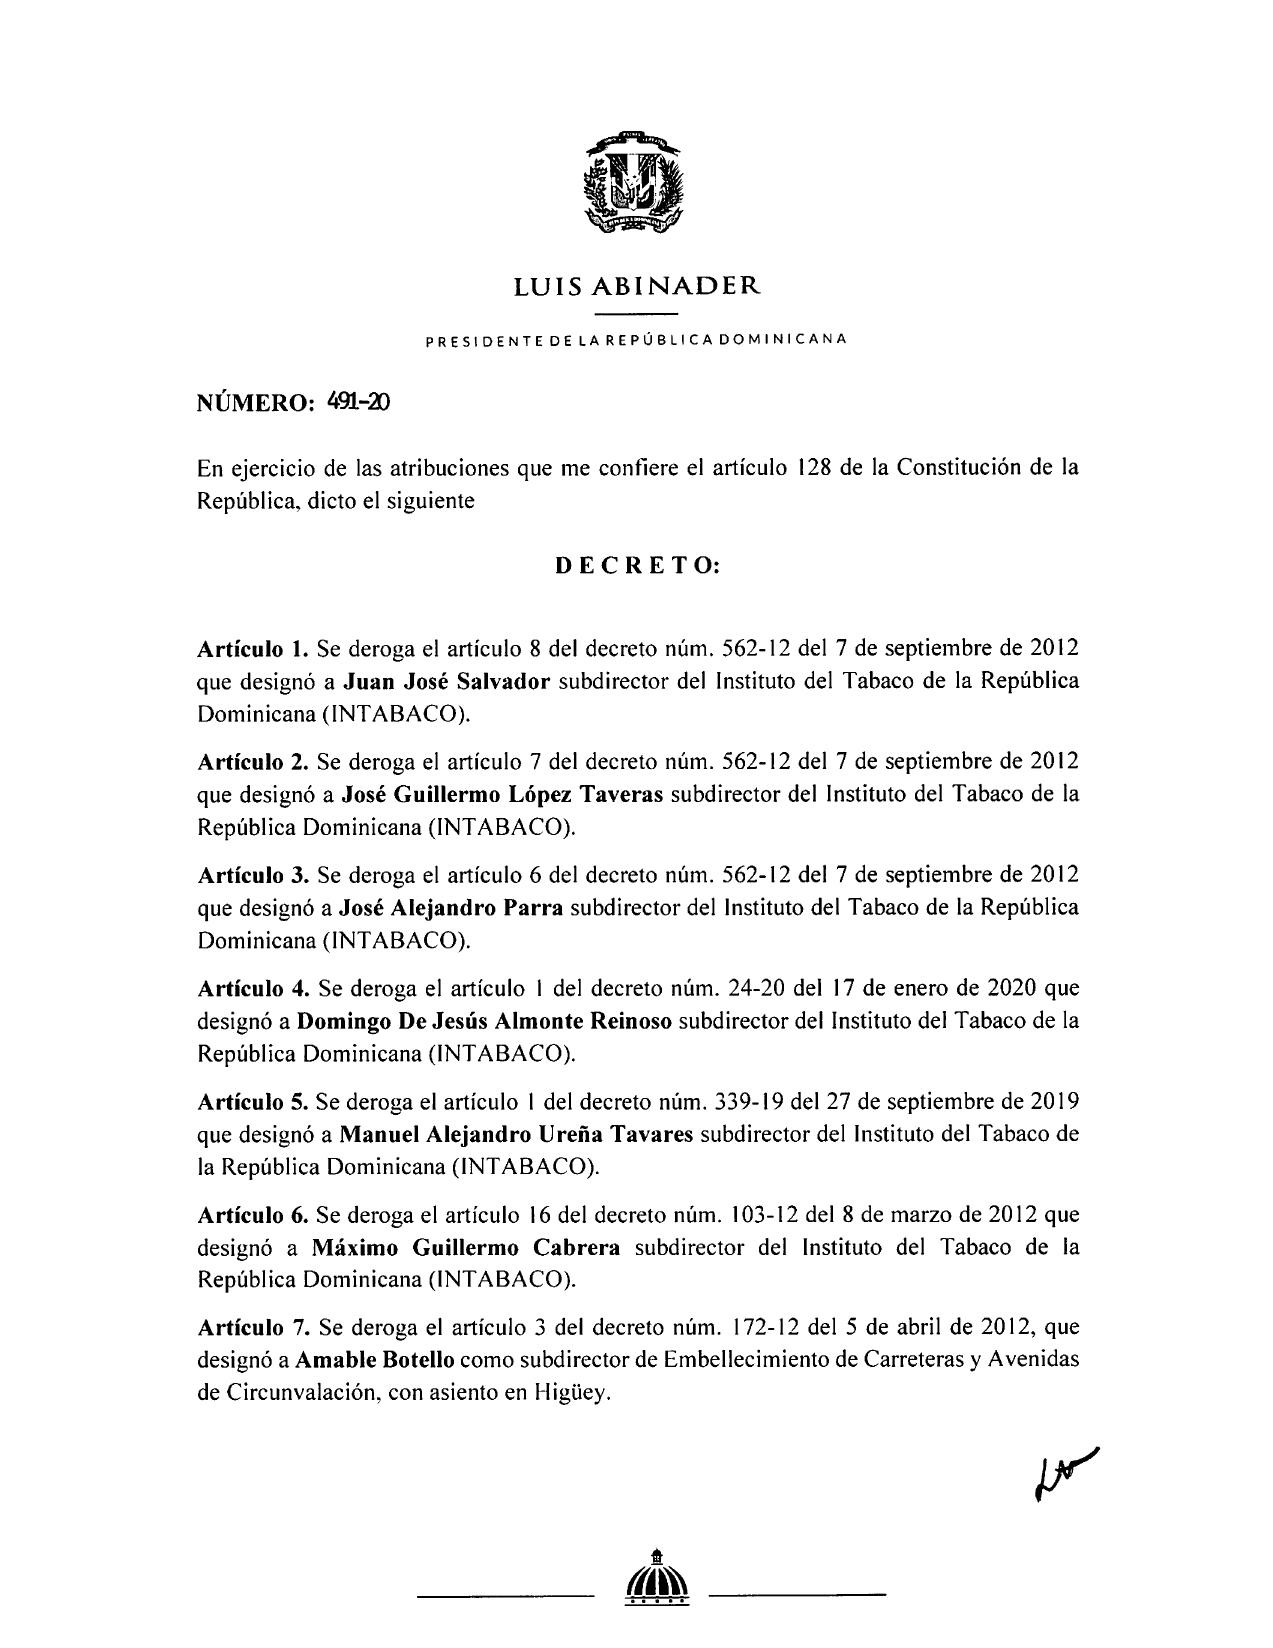 decreto 491-20